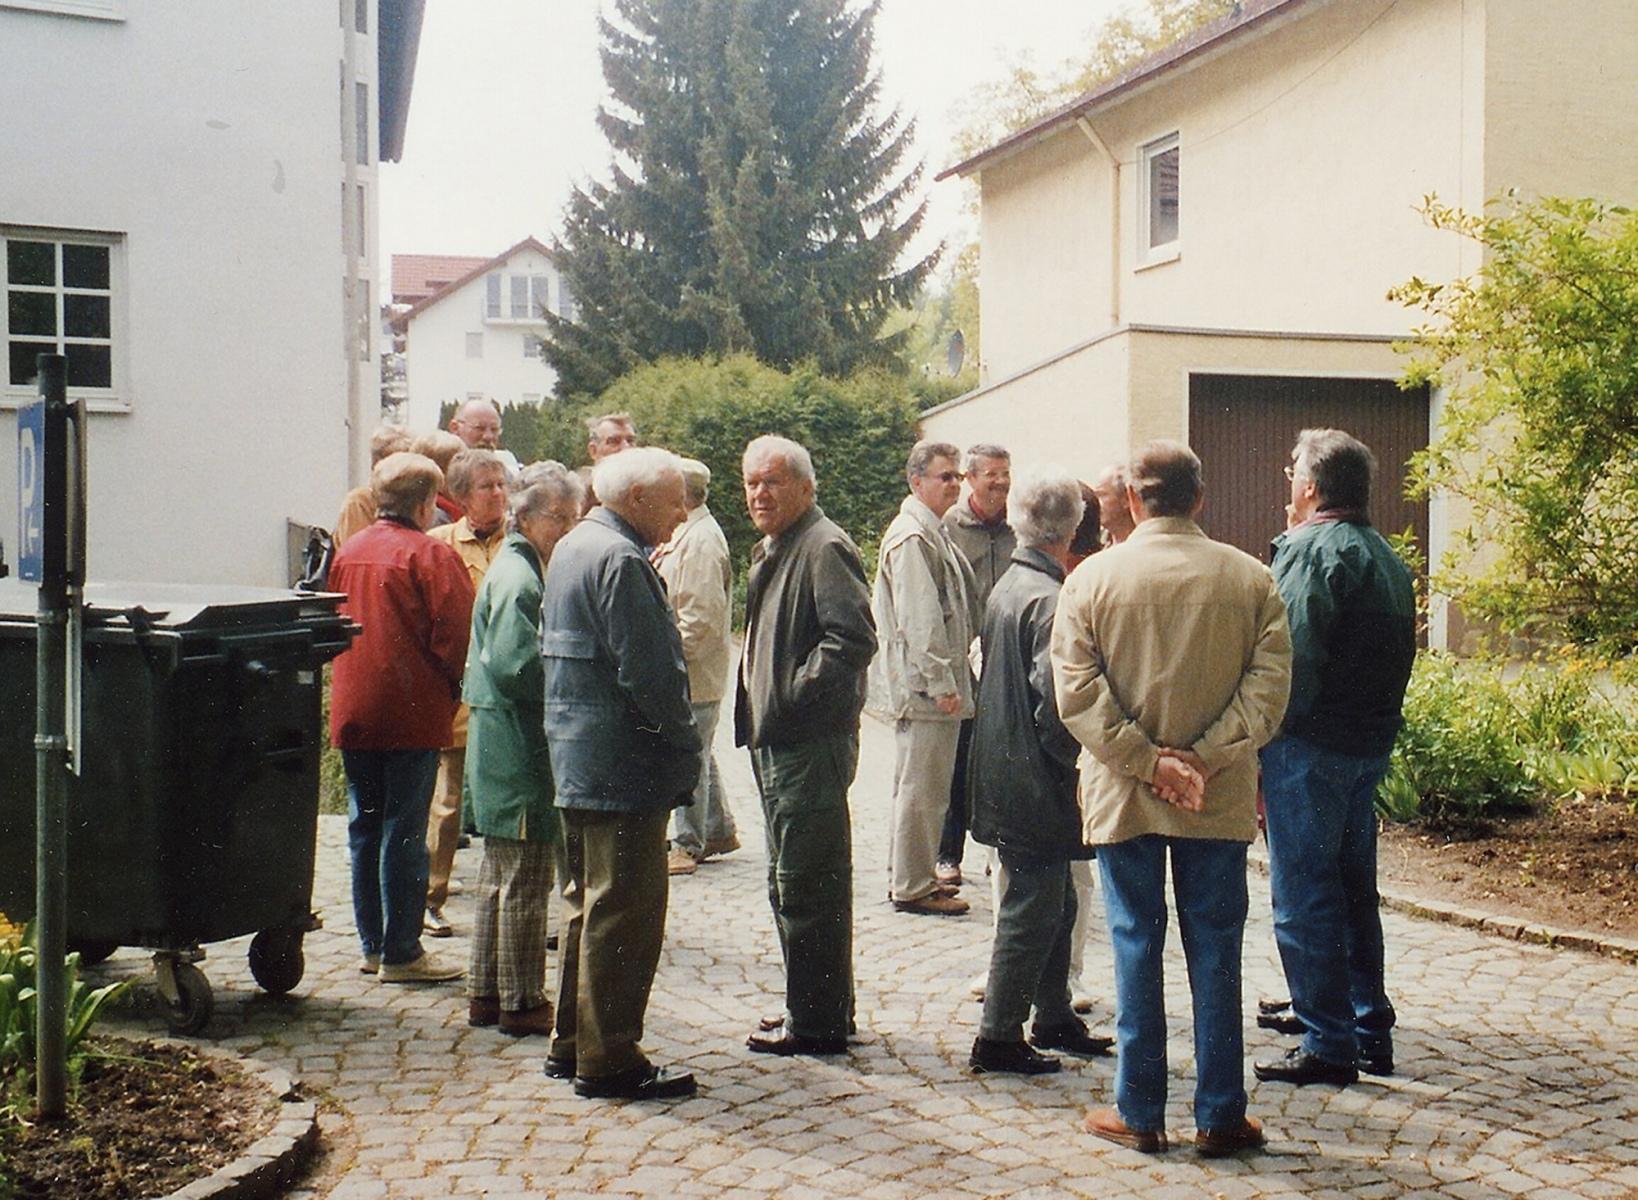 2004_05_12 Jahresausflug nach Meisenheim, Ortsbesichtigung